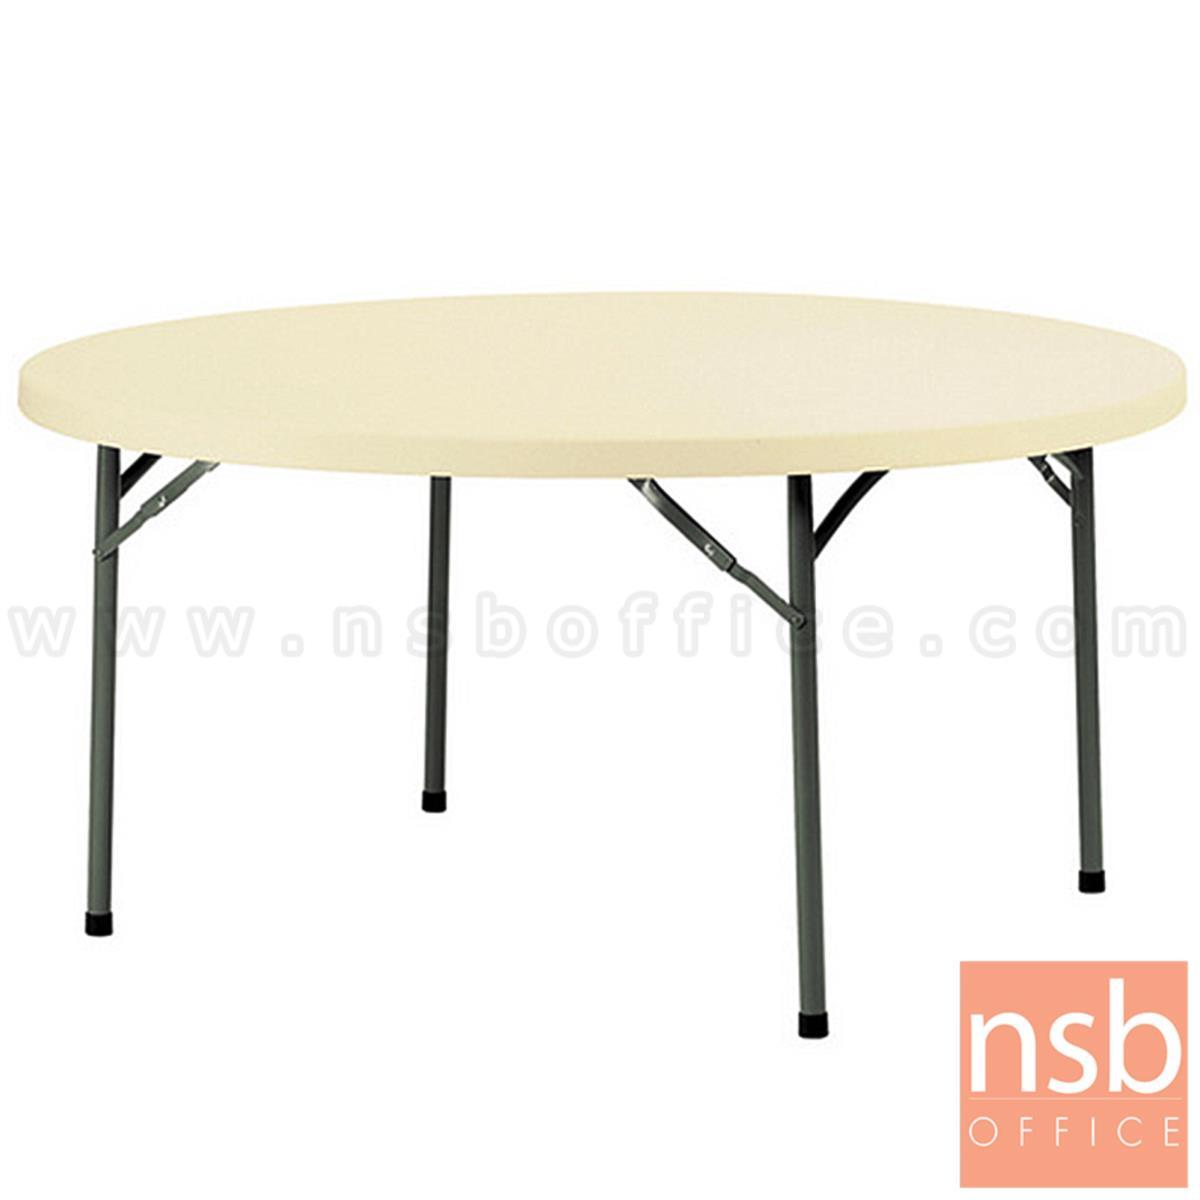 A19A039:โต๊ะพับหน้าพลาสติก รุ่น Newton (นิวตัน) ขนาด 120Di ,150Di cm.  โครงเหล็ก